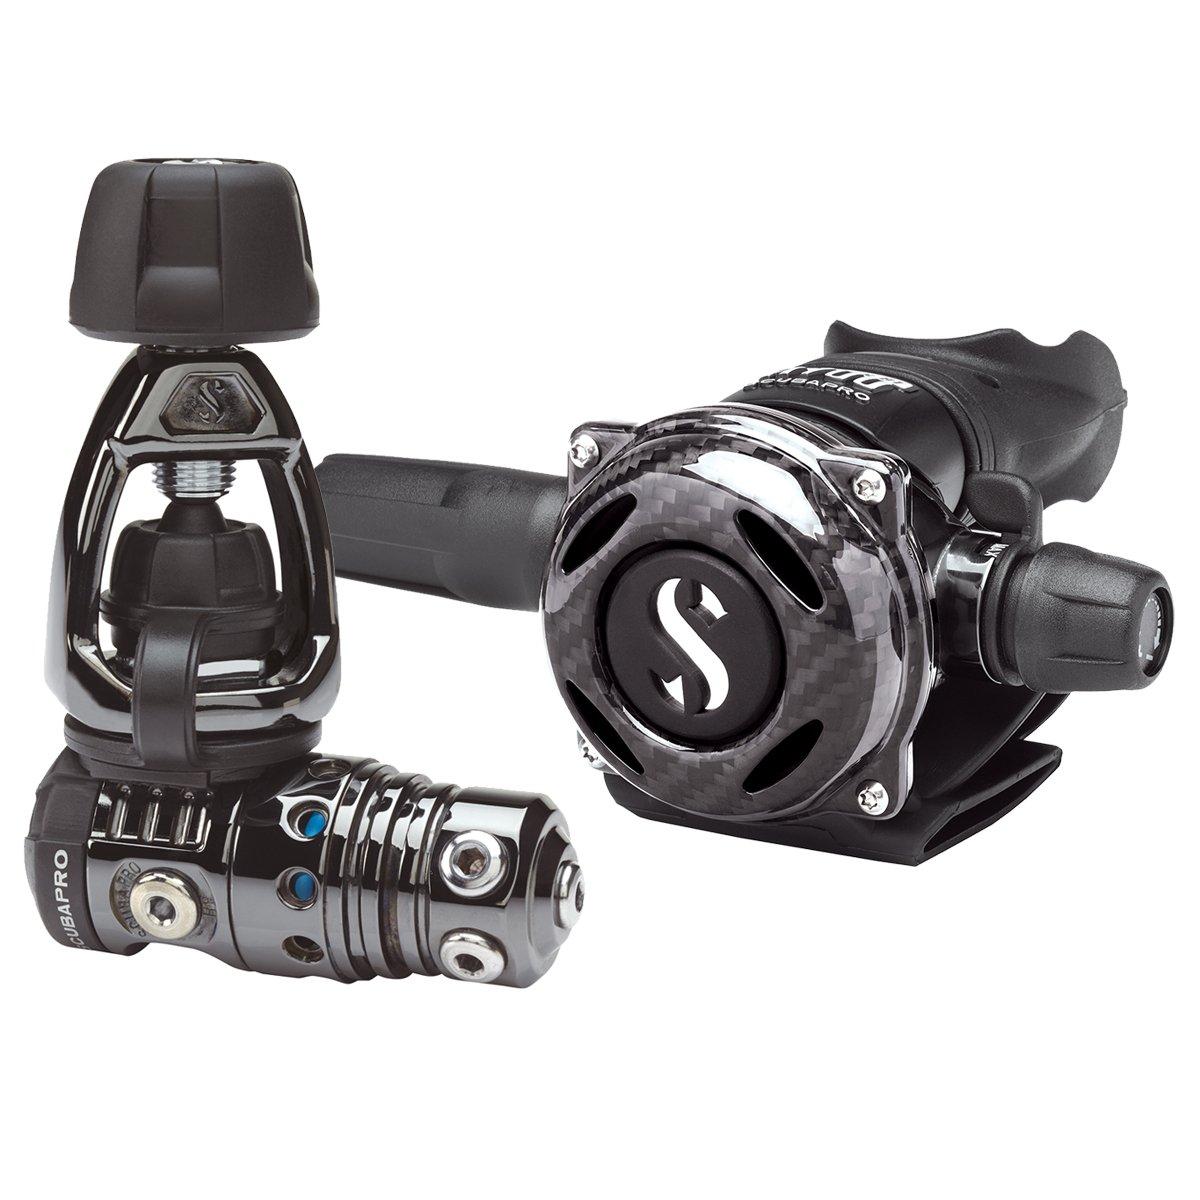 Scubapro MK25 EVO/A700 Carbon Black Tech